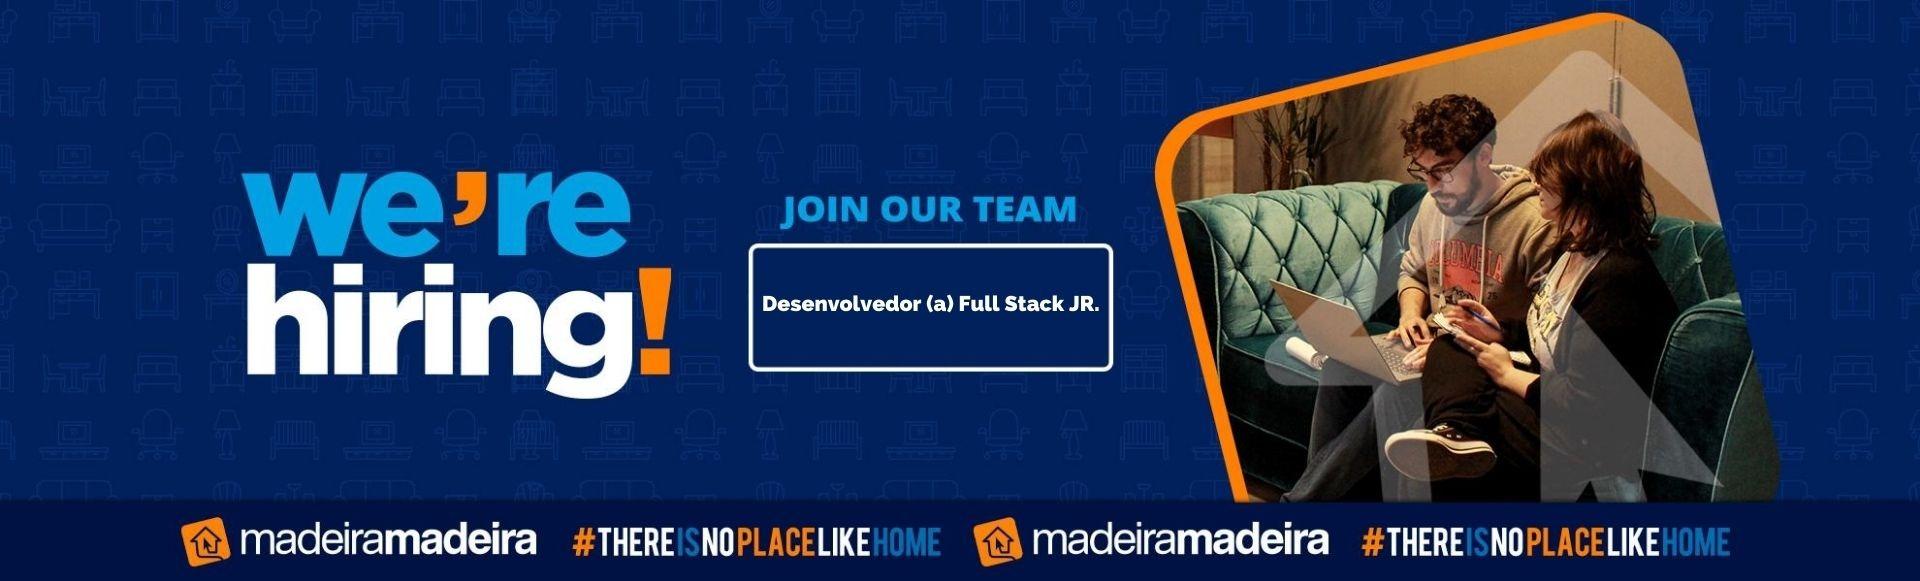 Desenvolvedor (a) Full Stack JR